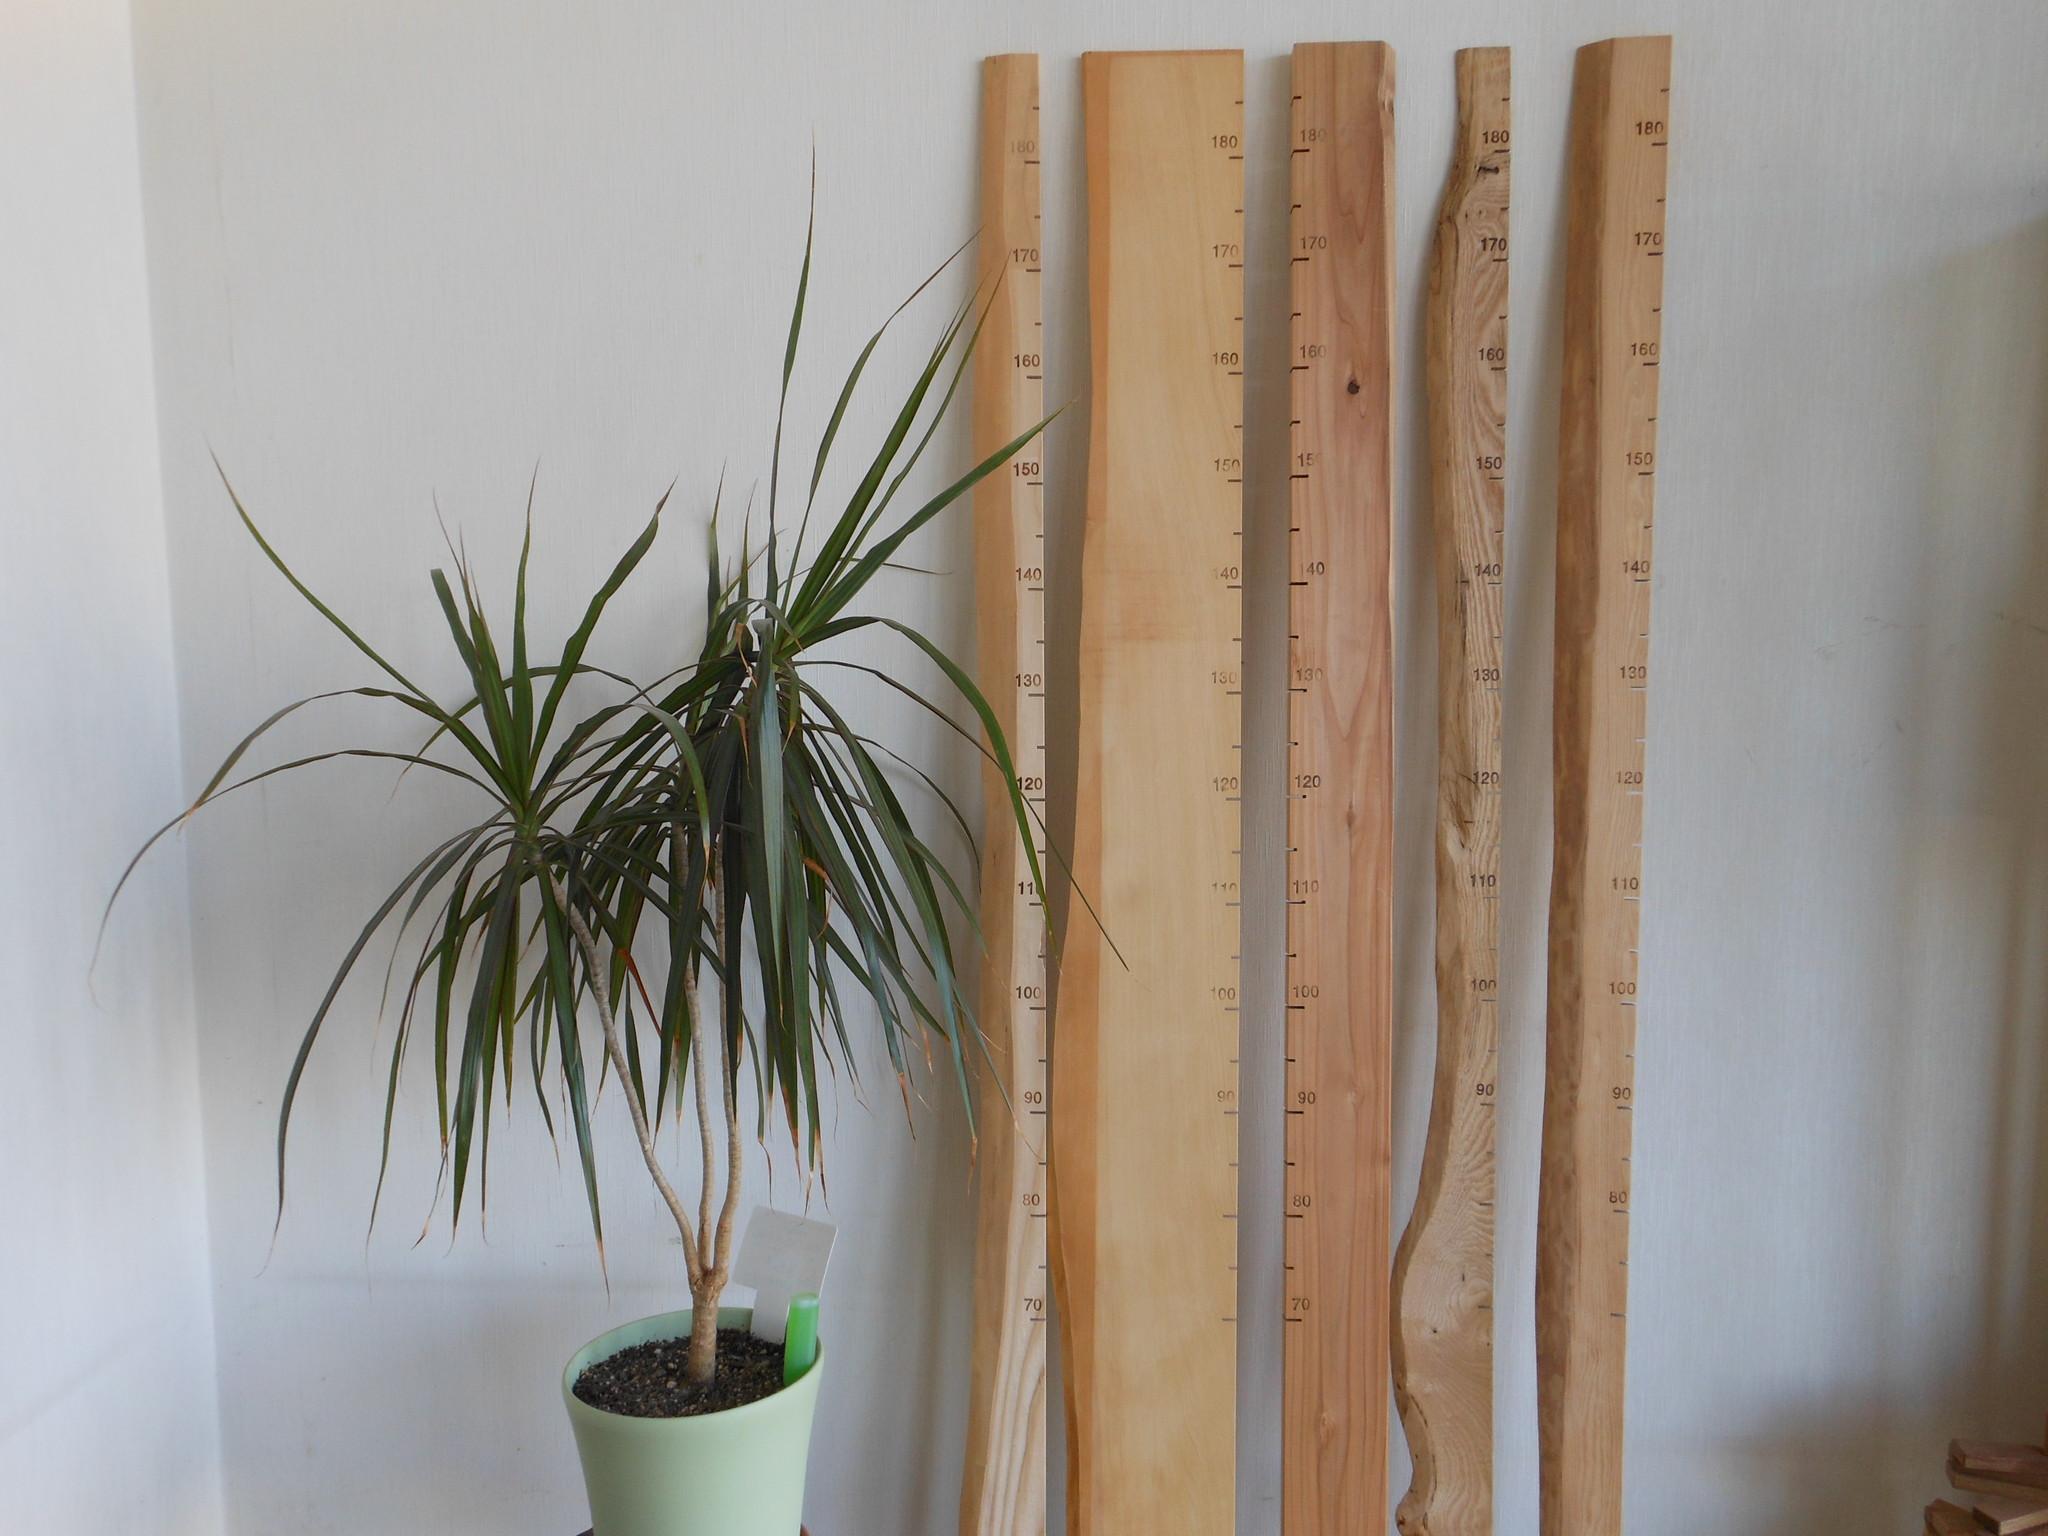 木製身長計【背くらべ】で子供の成長を木に刻んで残しませんか?